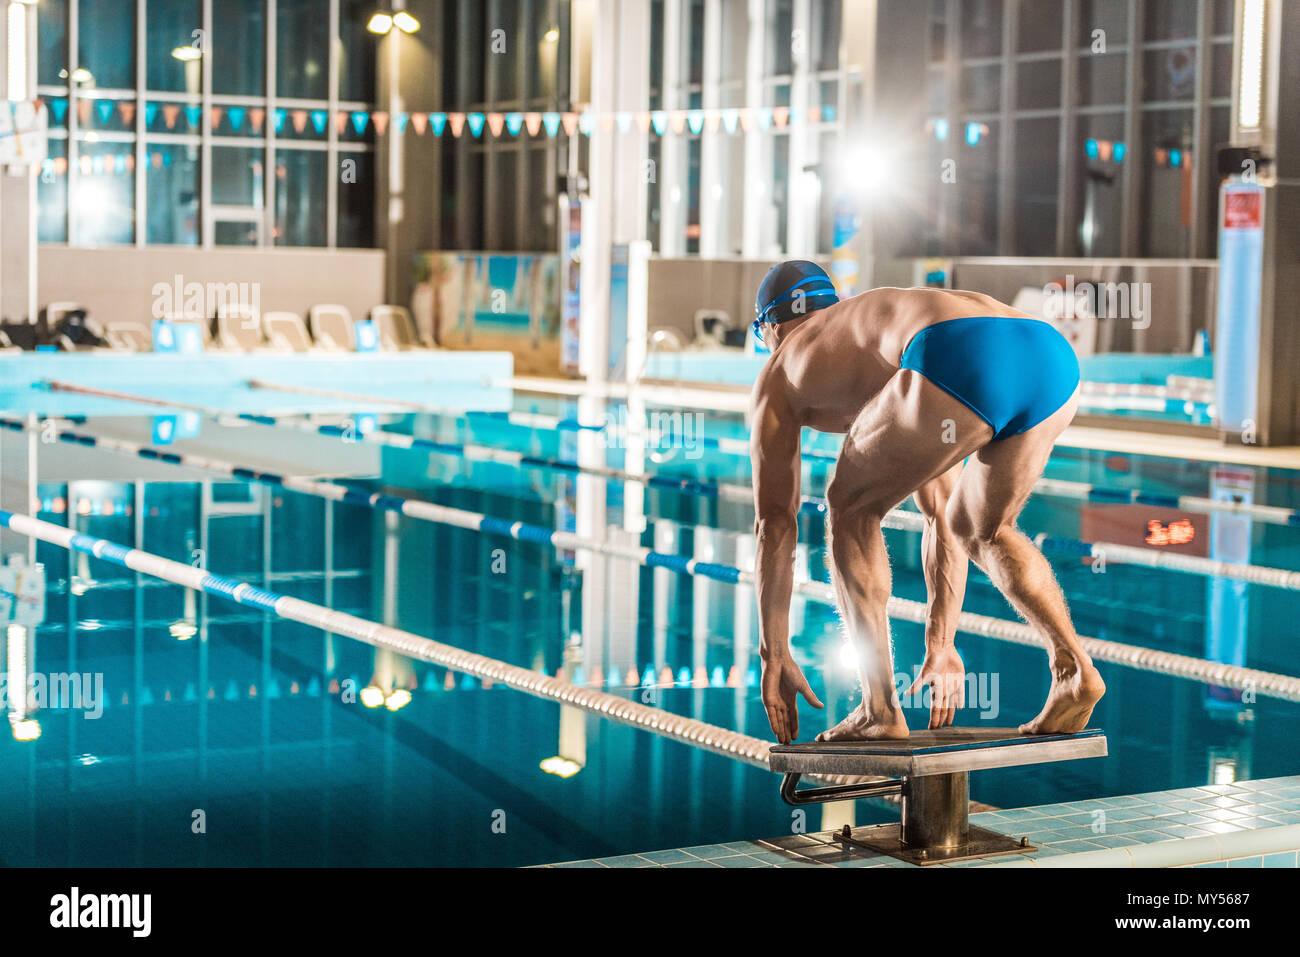 Nuotatore in piedi sul trampolino pronti a saltare in concorrenza piscina Immagini Stock